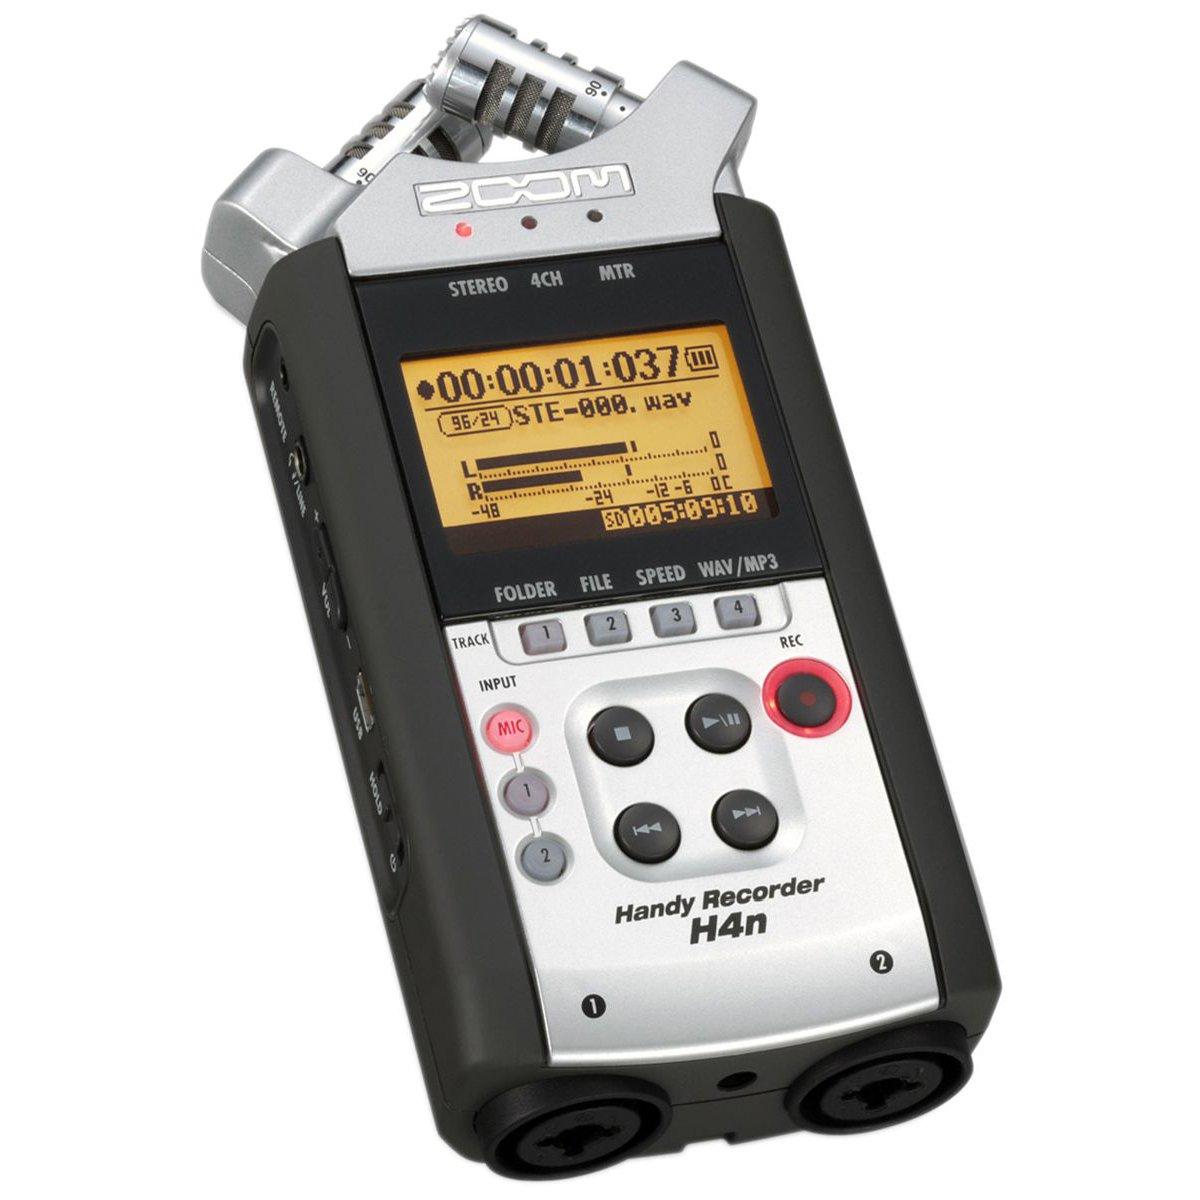 Bundle mit 16 GB Class 10 SDHC-Karte 3,5 mm auf 3,5 mm Stereo-Ausgangskabel Stereo 3,5 mm Mini Phono Stecker auf 2 Cinch-Stecker Y-Kabel Zoom H4n Handy 4-Track Recorder Zoom RC-4 Fernbedienung